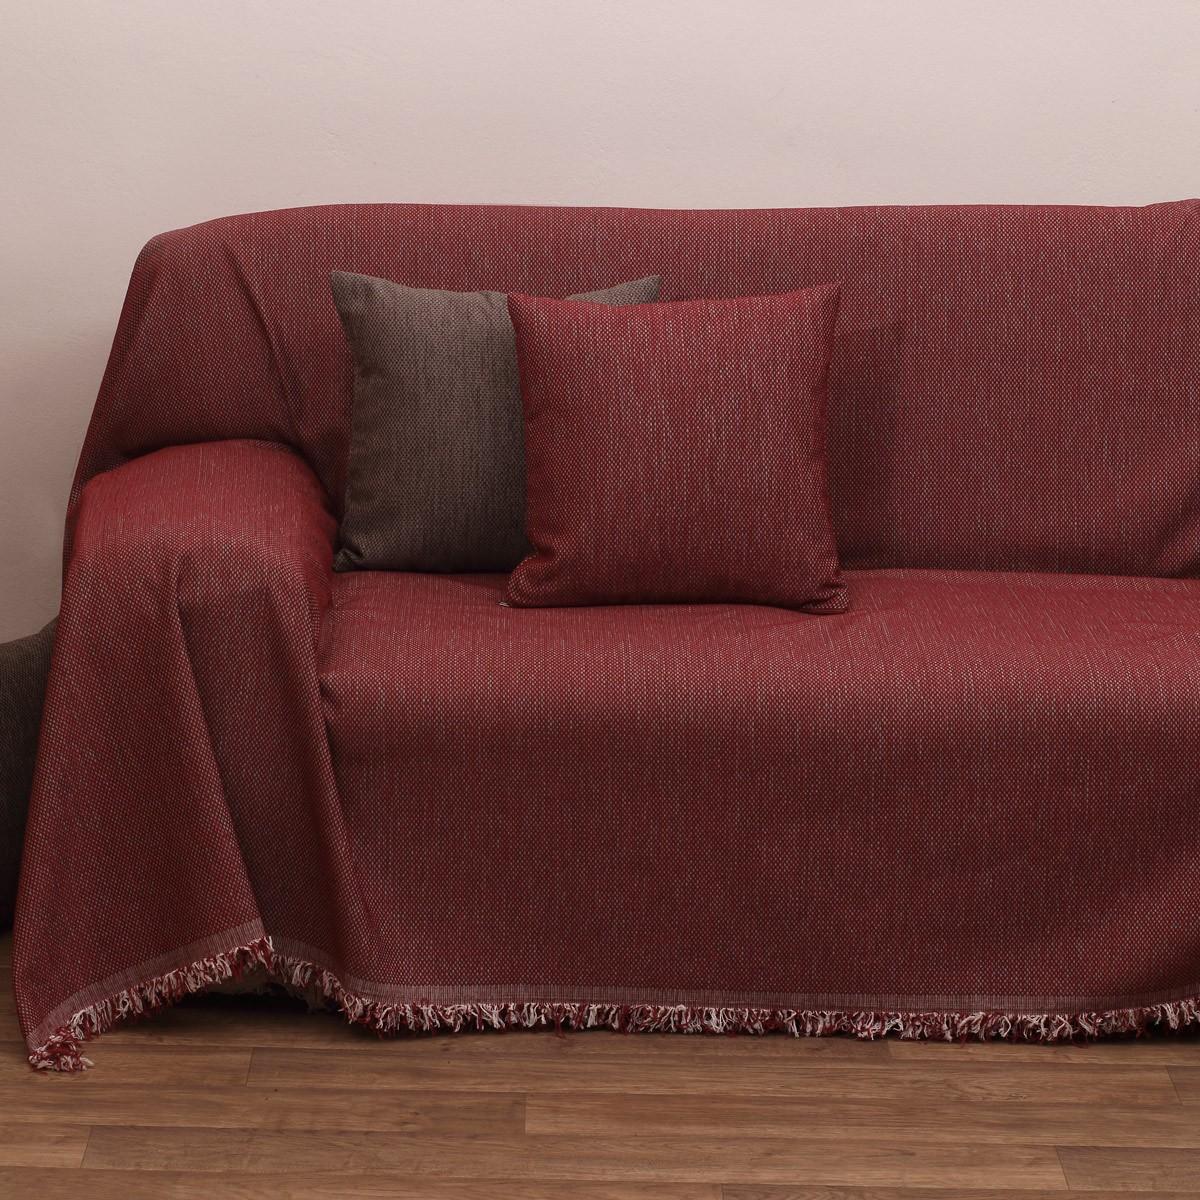 Ριχτάρι Τριθέσιου (180x280) Viopros 2100 Κόκκινο